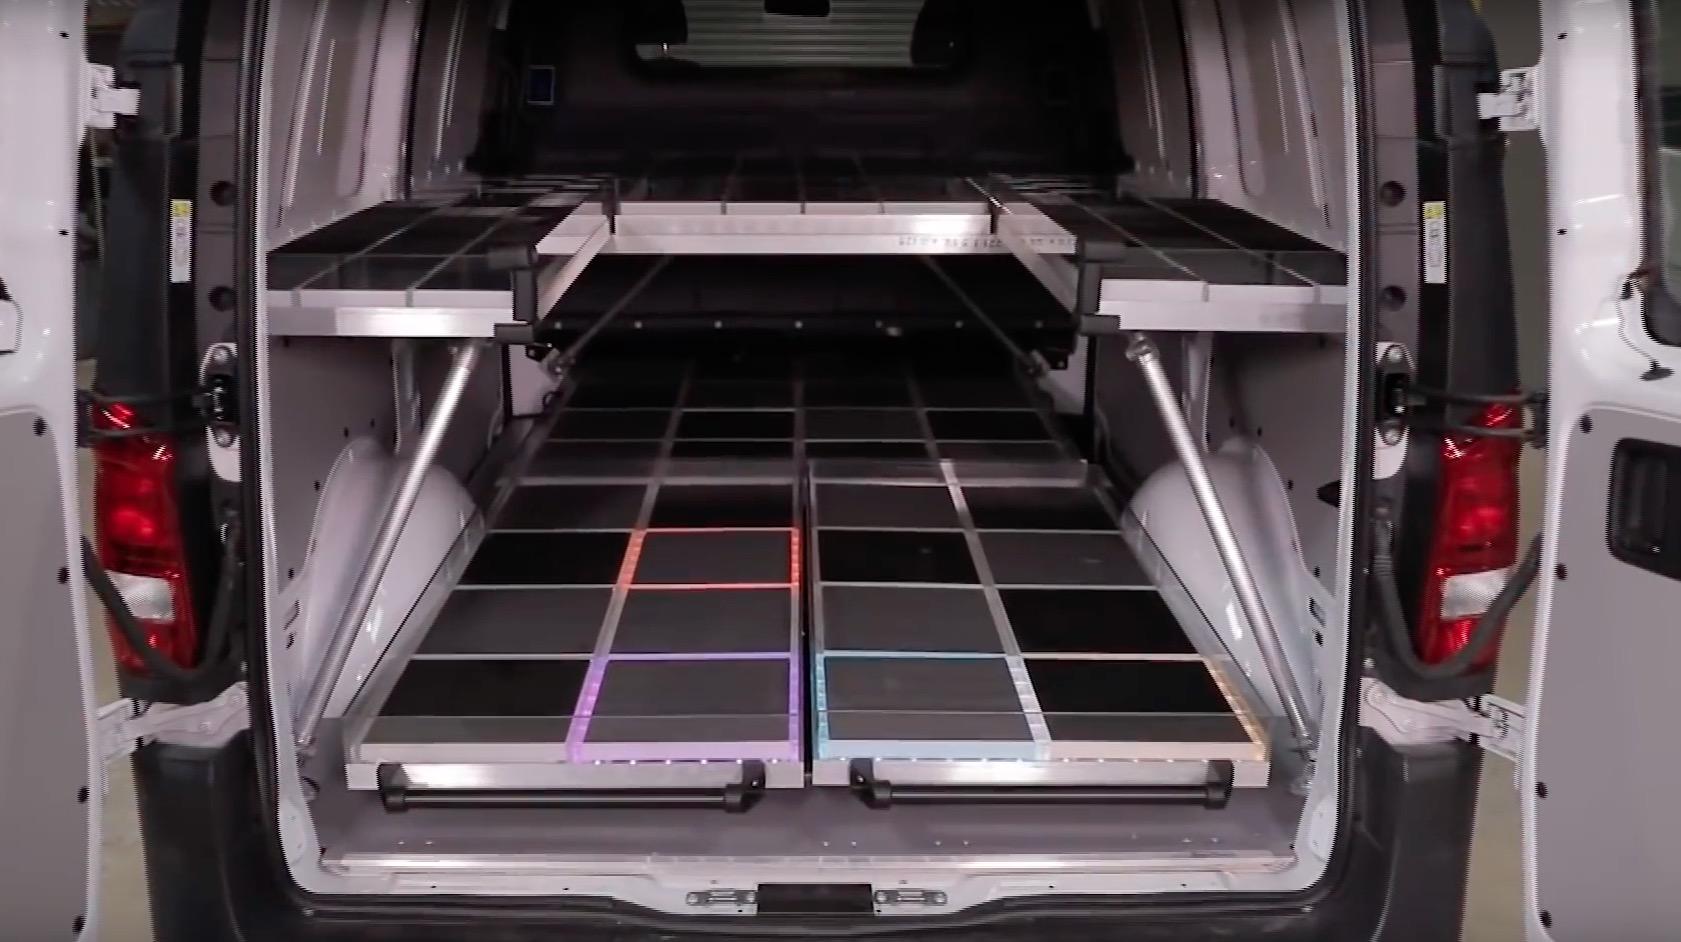 mercedes benz 3d druck  - 3D-Druck hilft Mercedes bei Entwicklung von intelligentem Paketmanagment-System für Lieferwägen